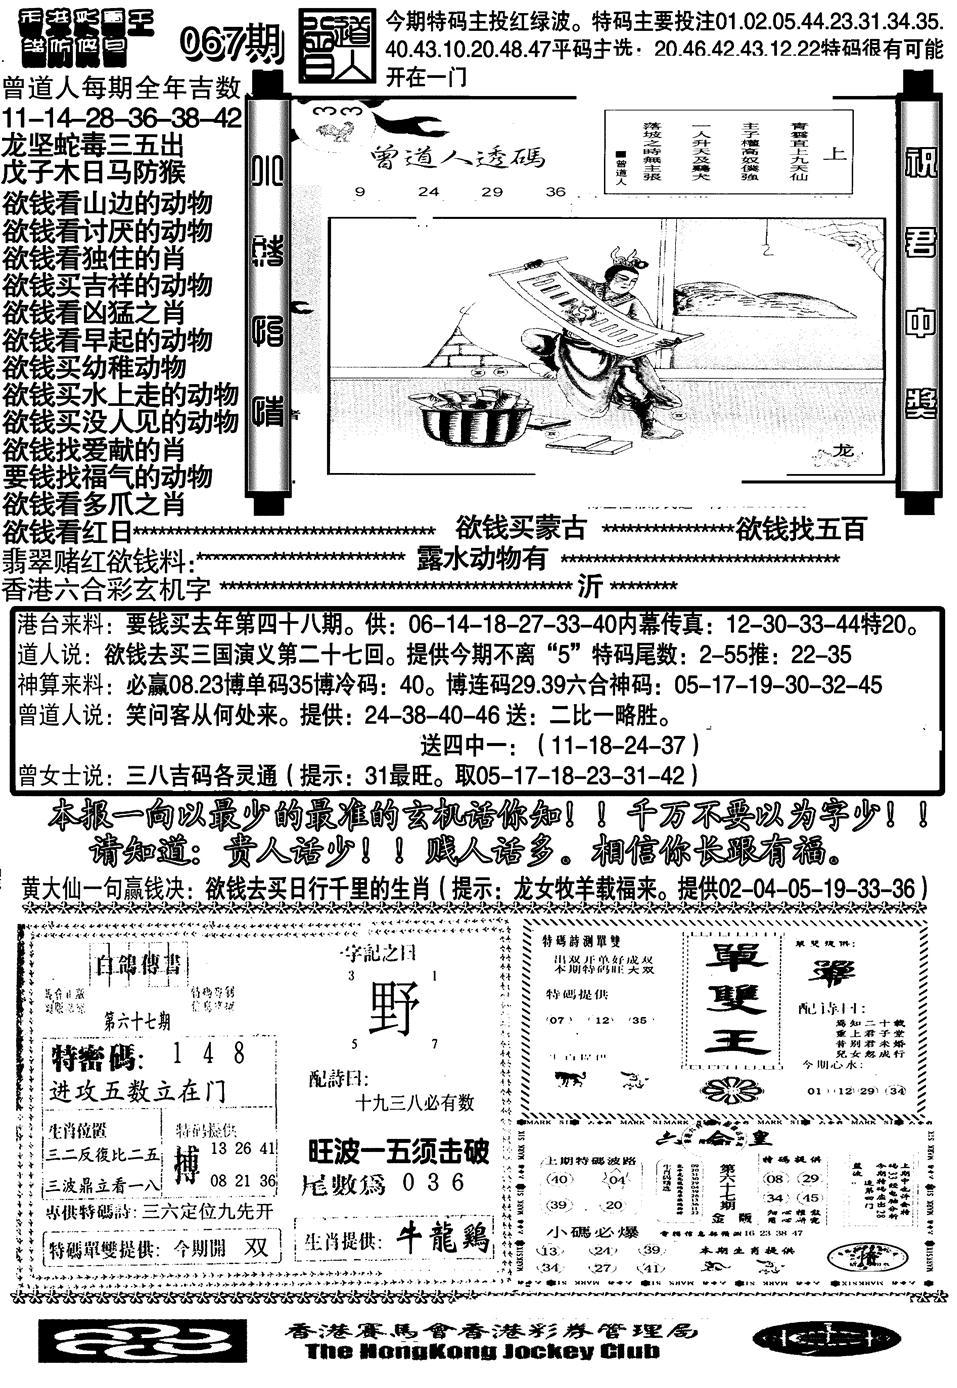 067期大刀彩霸王B(黑白)